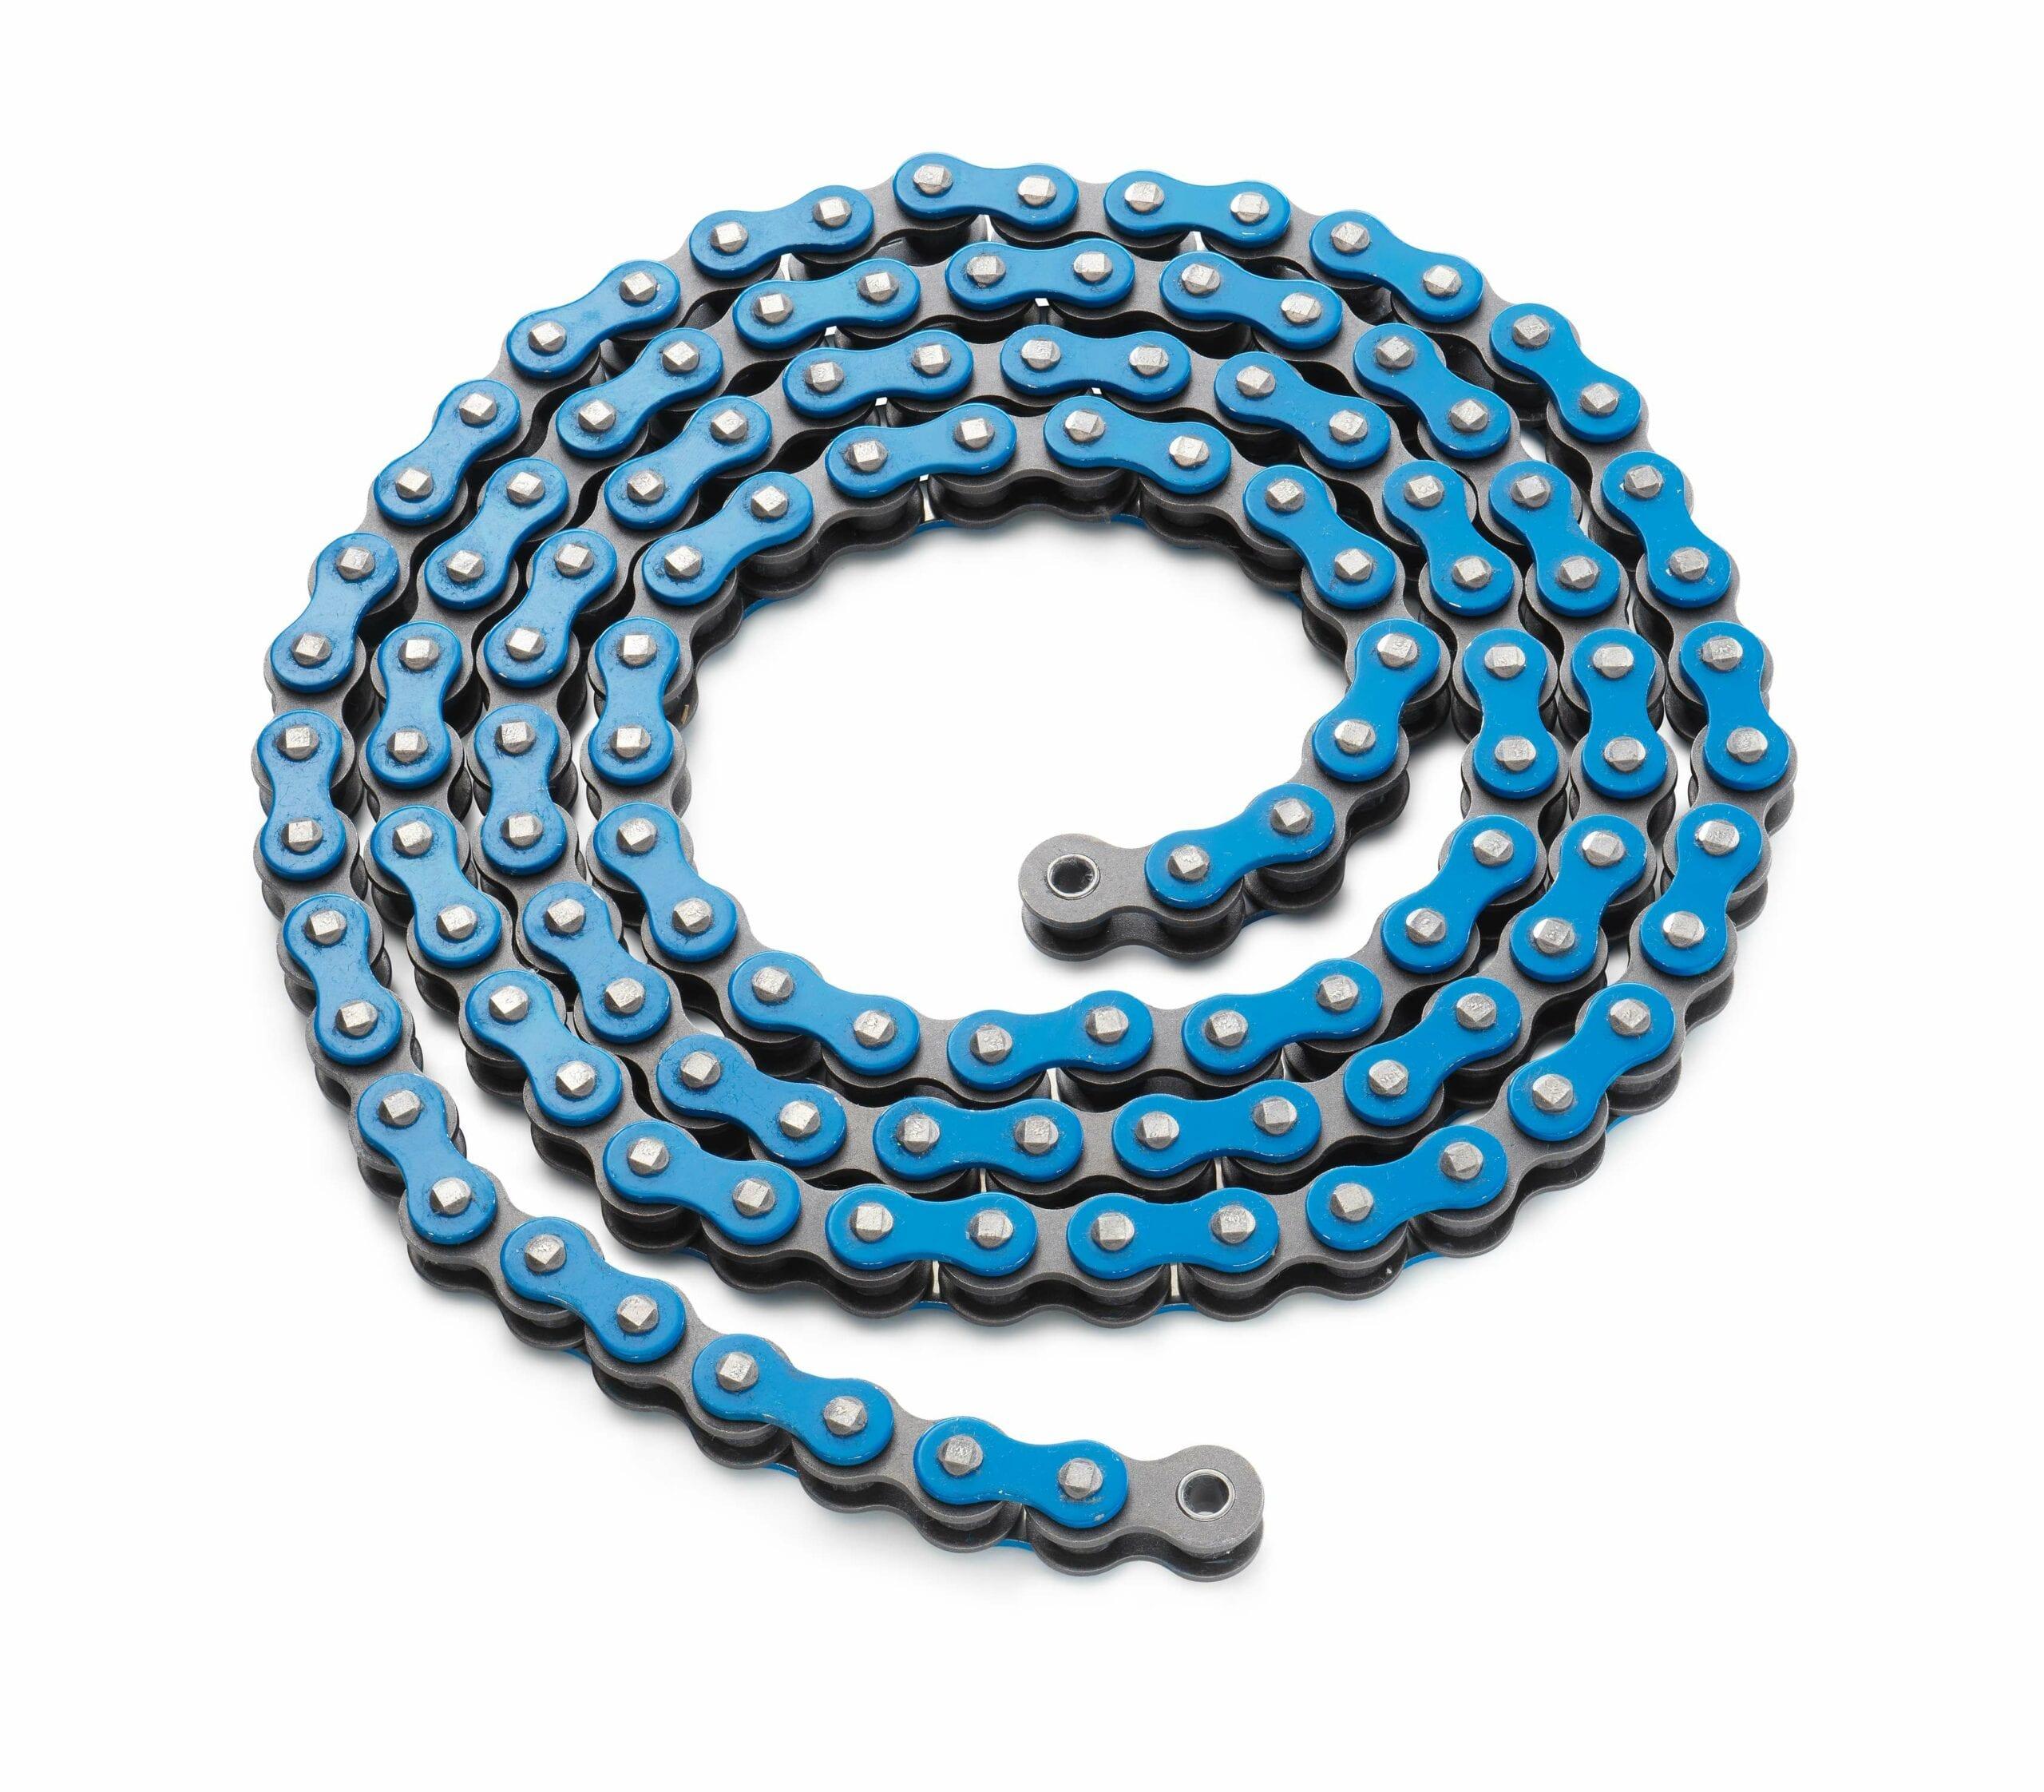 25010965118HA - Chain